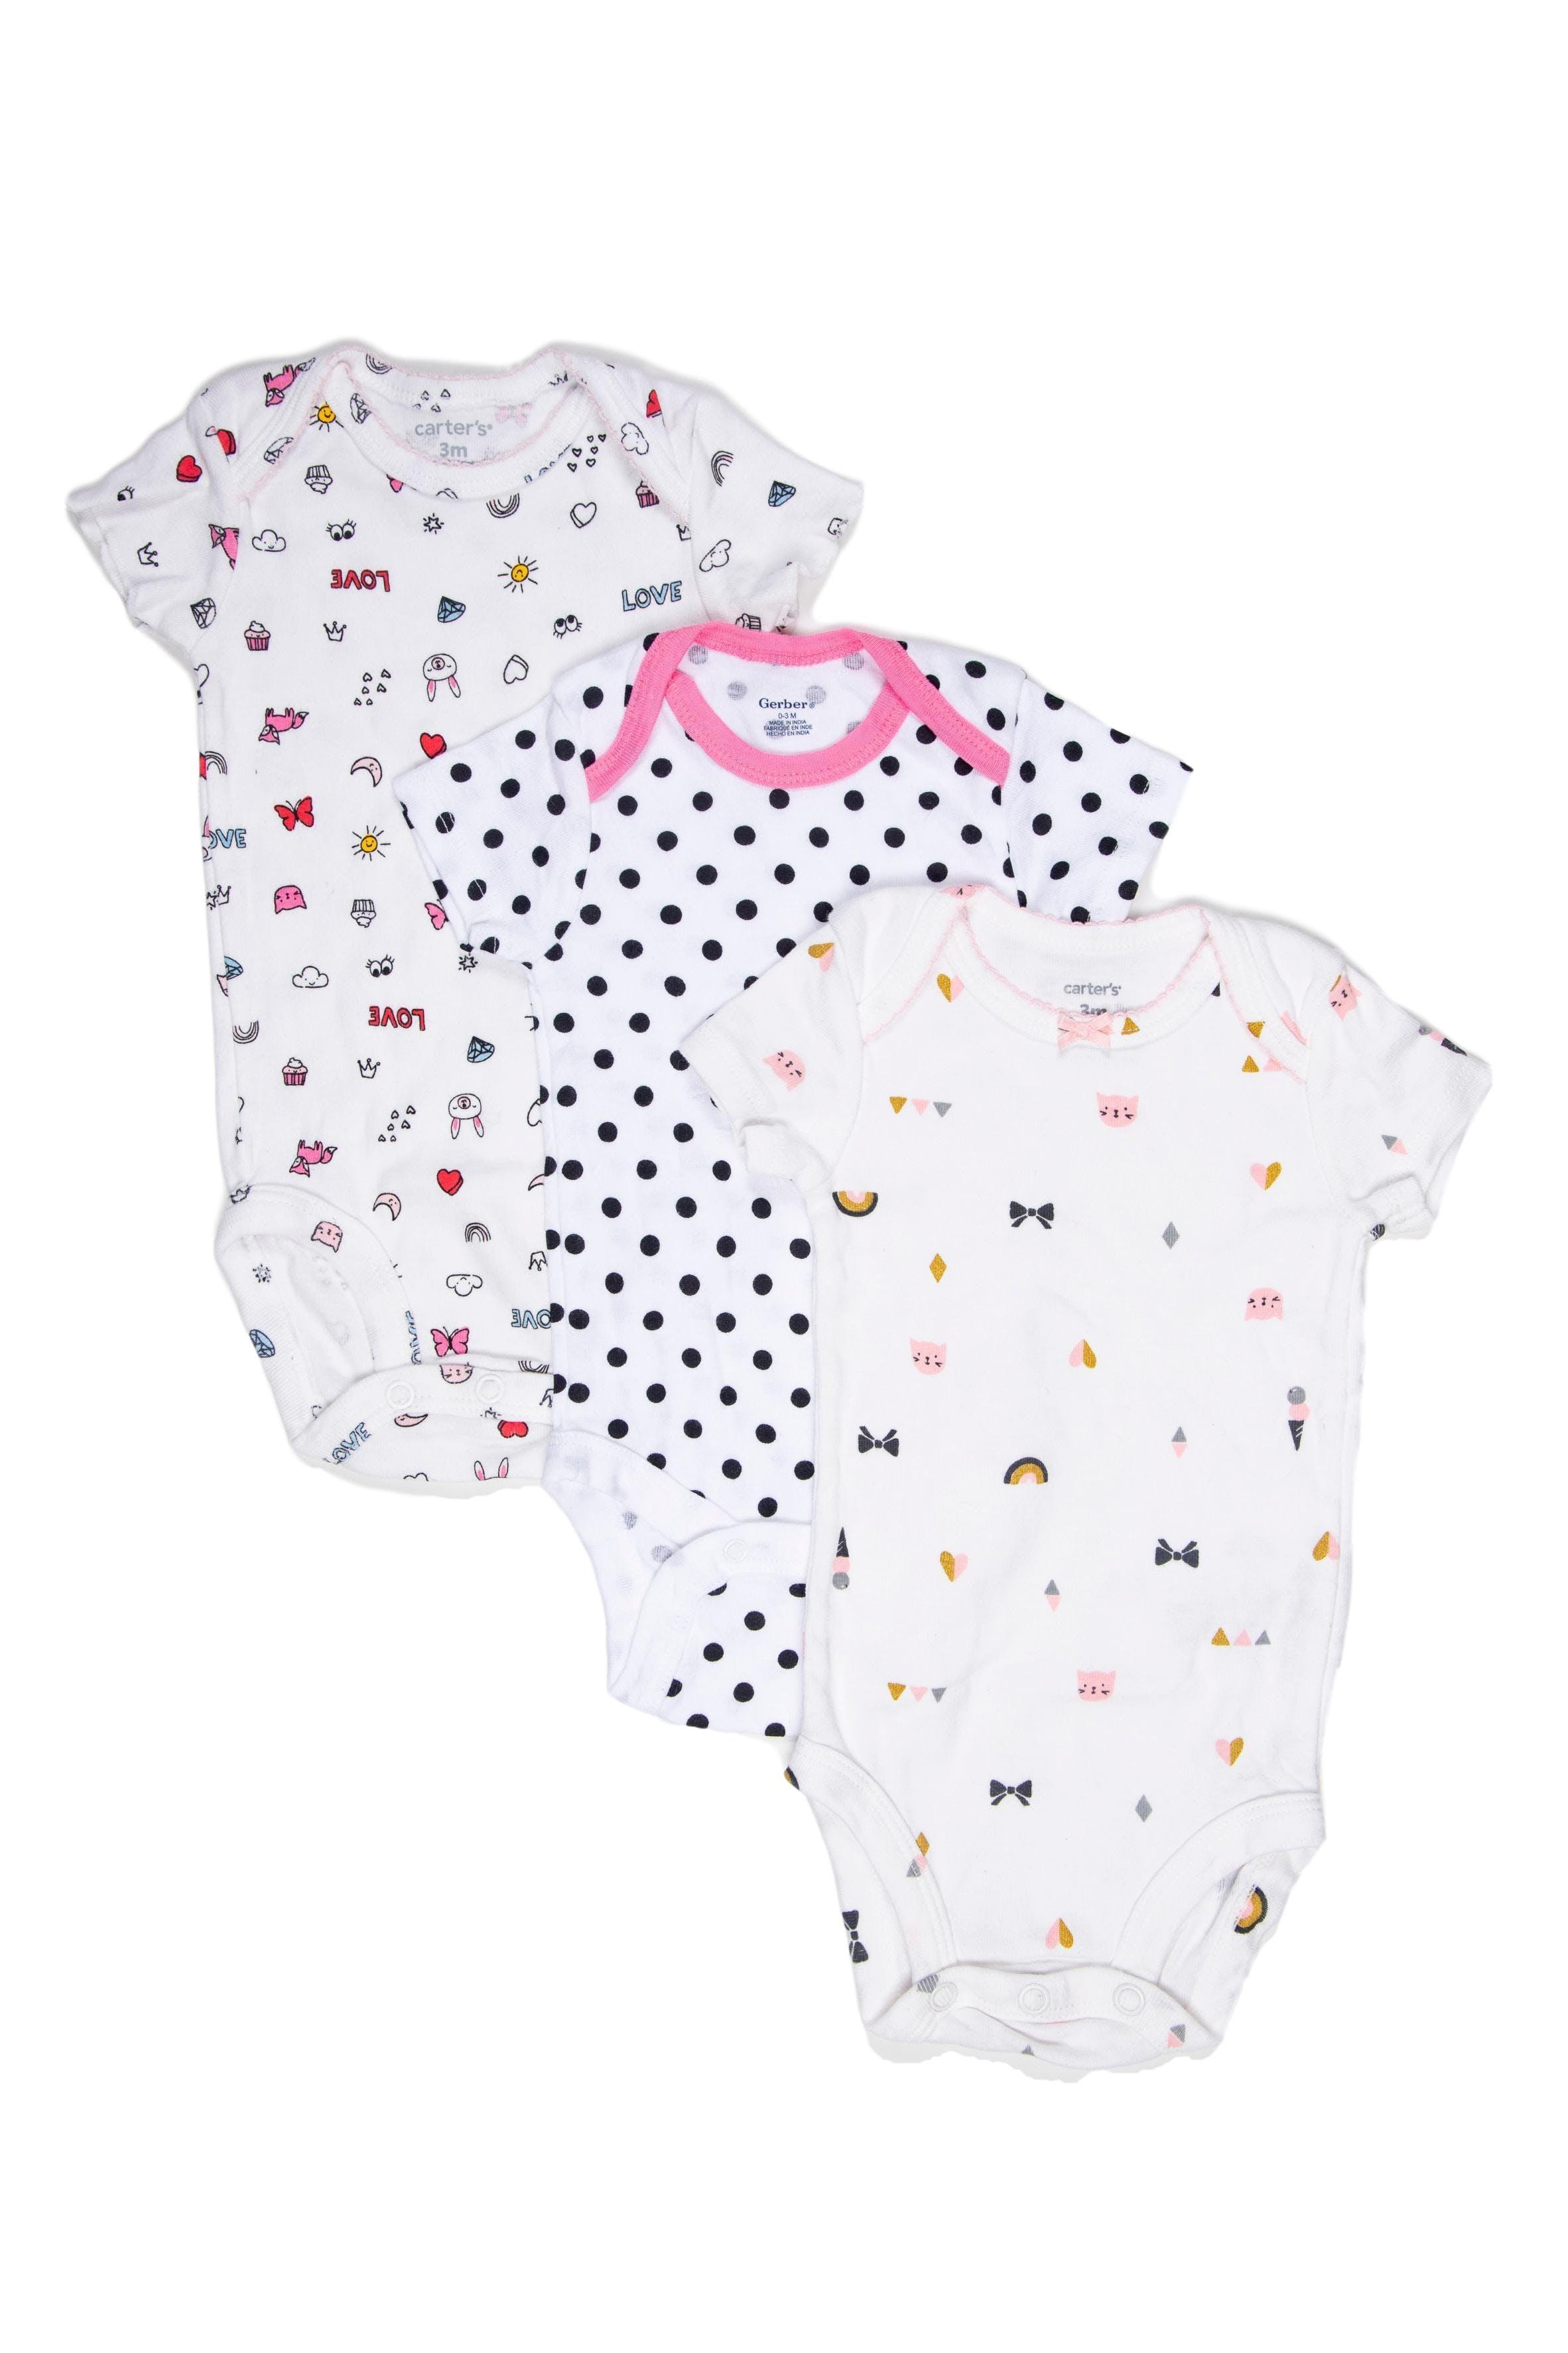 Set de 3 bodies. Uno a puntitos marca Gerber nuevo sin etiqueta y dos carter's, uno blanco con diseños y otro rosado. Todos 100% algodón - Carter's